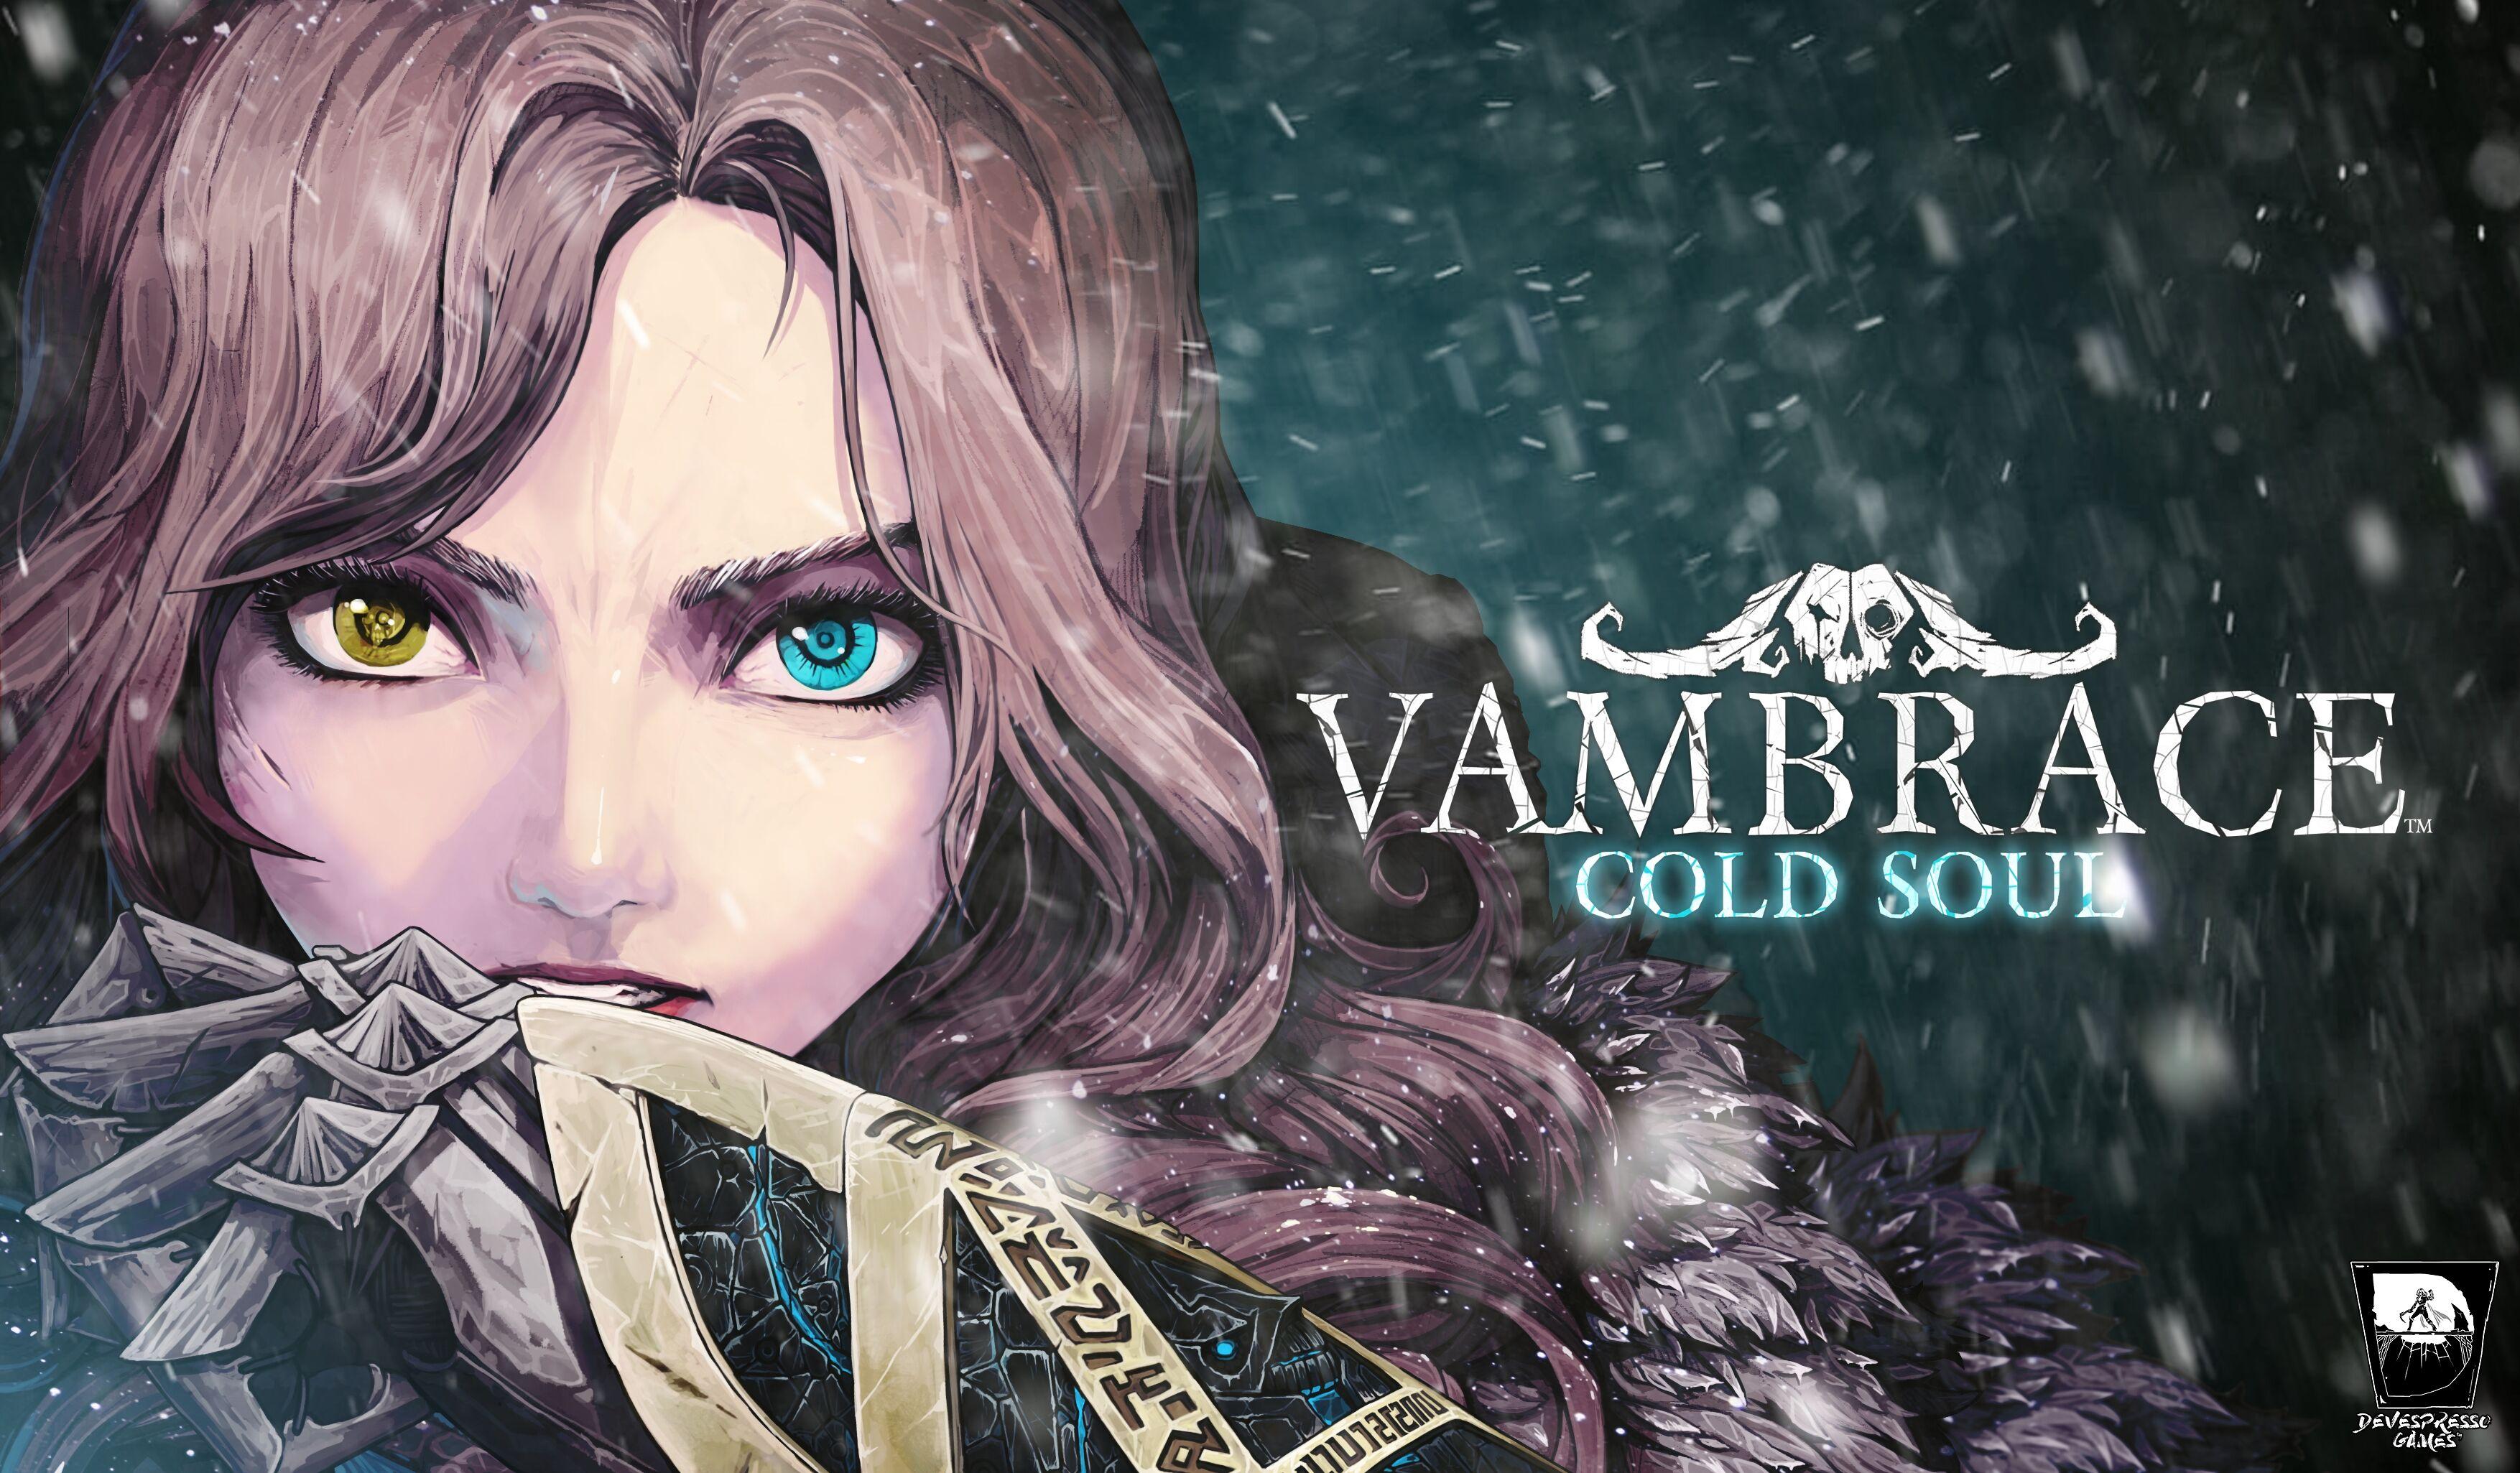 [Switch] Jogo de aventura roguelike Vambrace: Cold Soul chega no final de agosto através da eShop